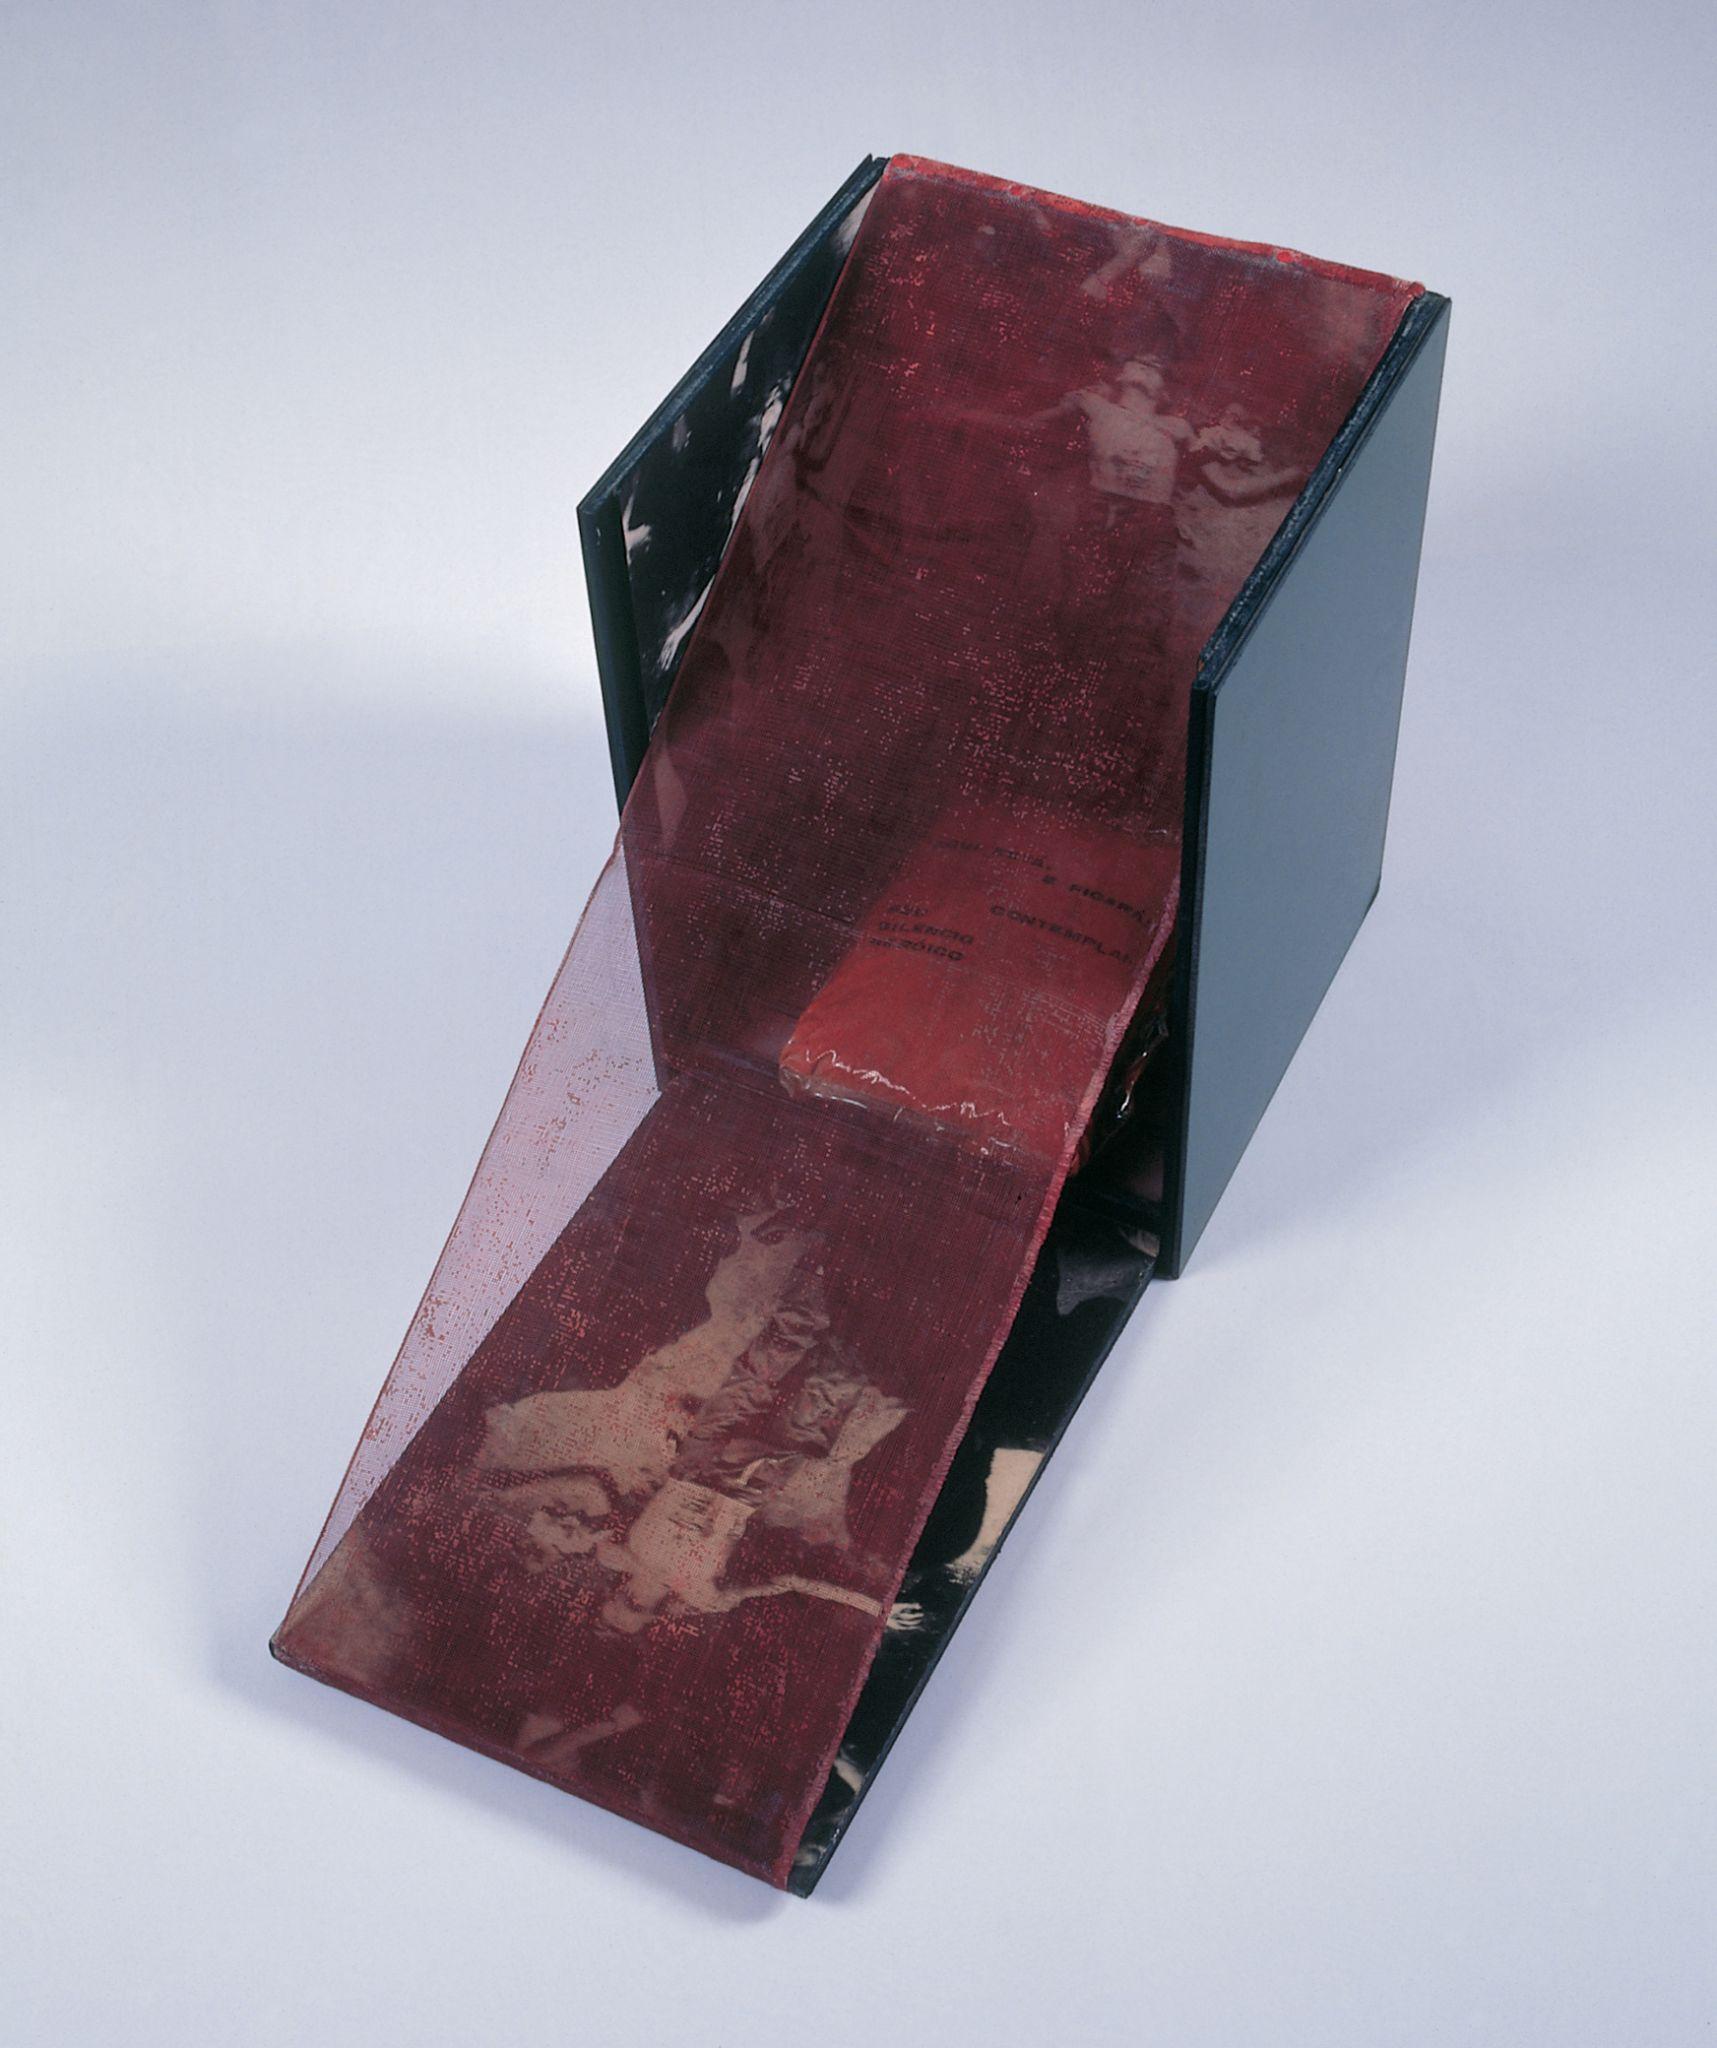 """B 33 Bólide caixa 18 """"Homenagem a Cara de Cavalo"""", 1966, Hélio Oiticica"""